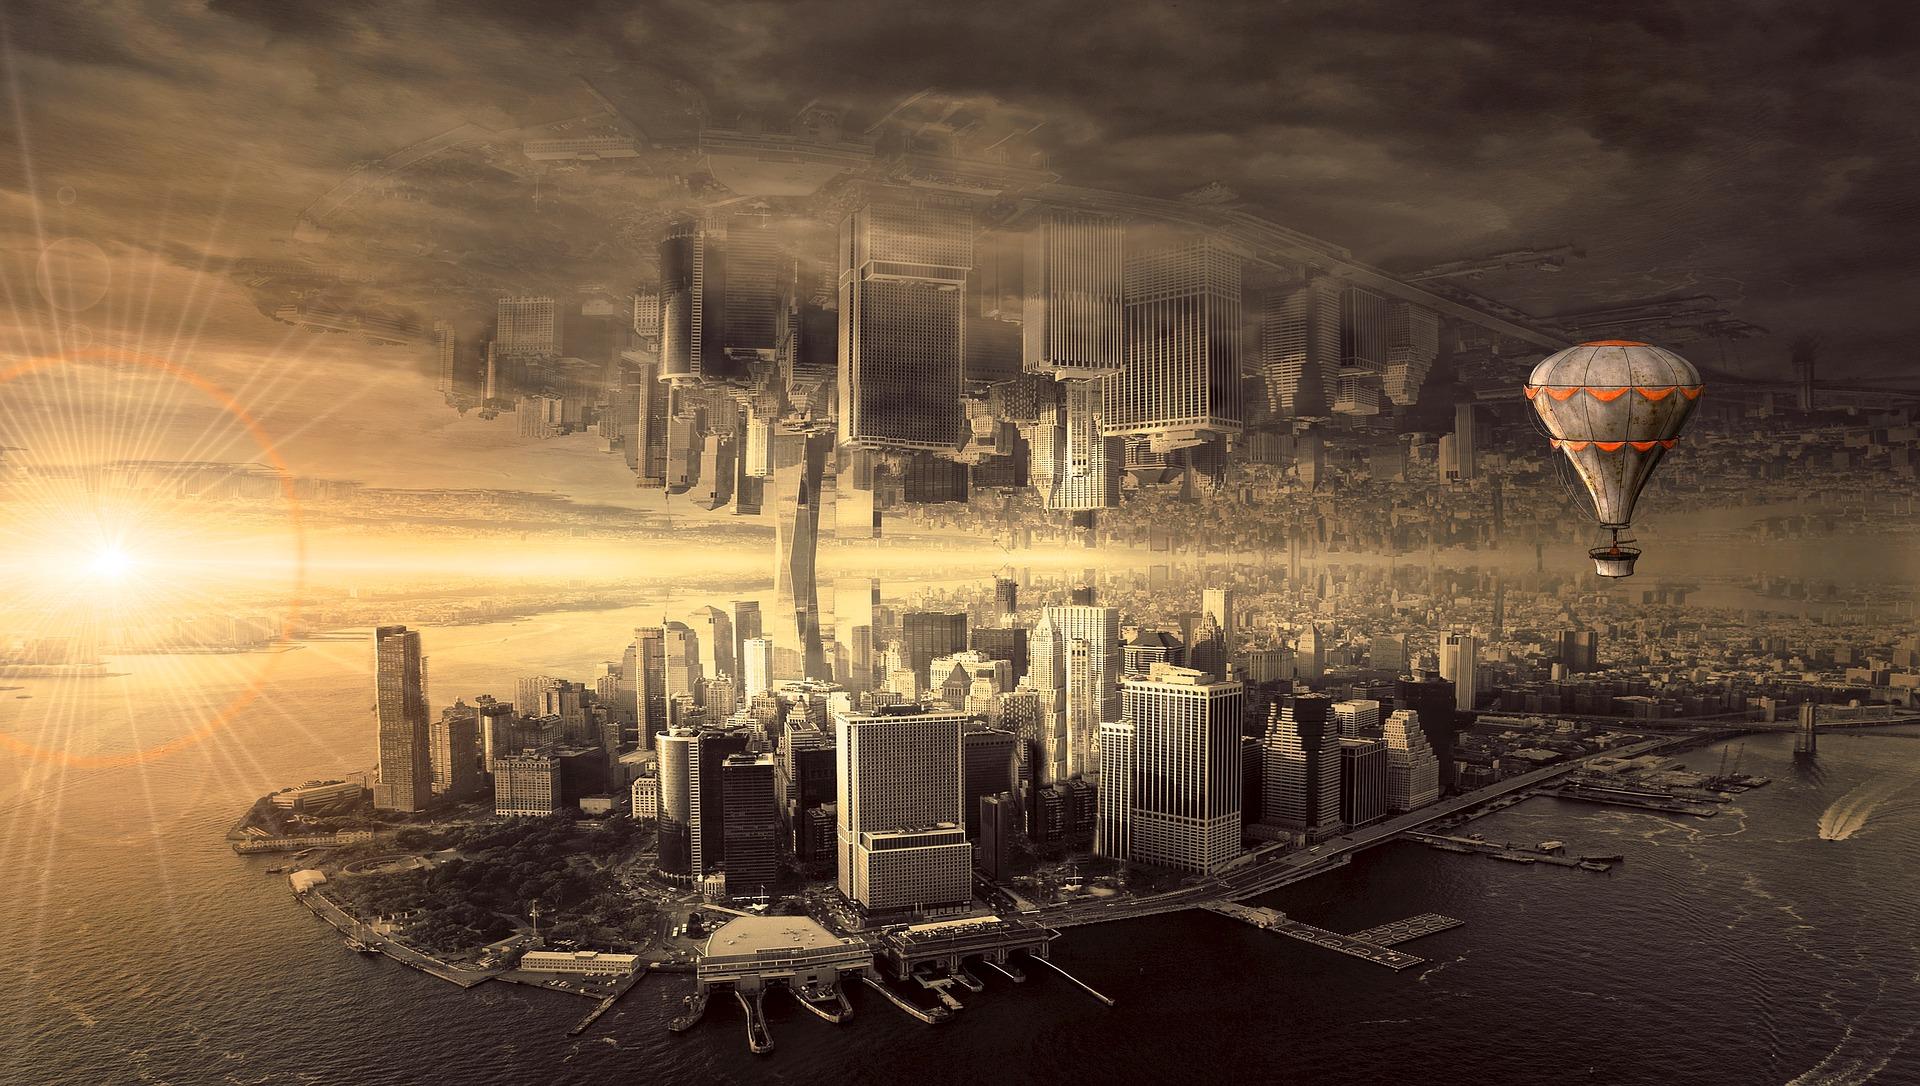 Immagine L'impresa responsabile: co-protagonista dei futuri del pianeta